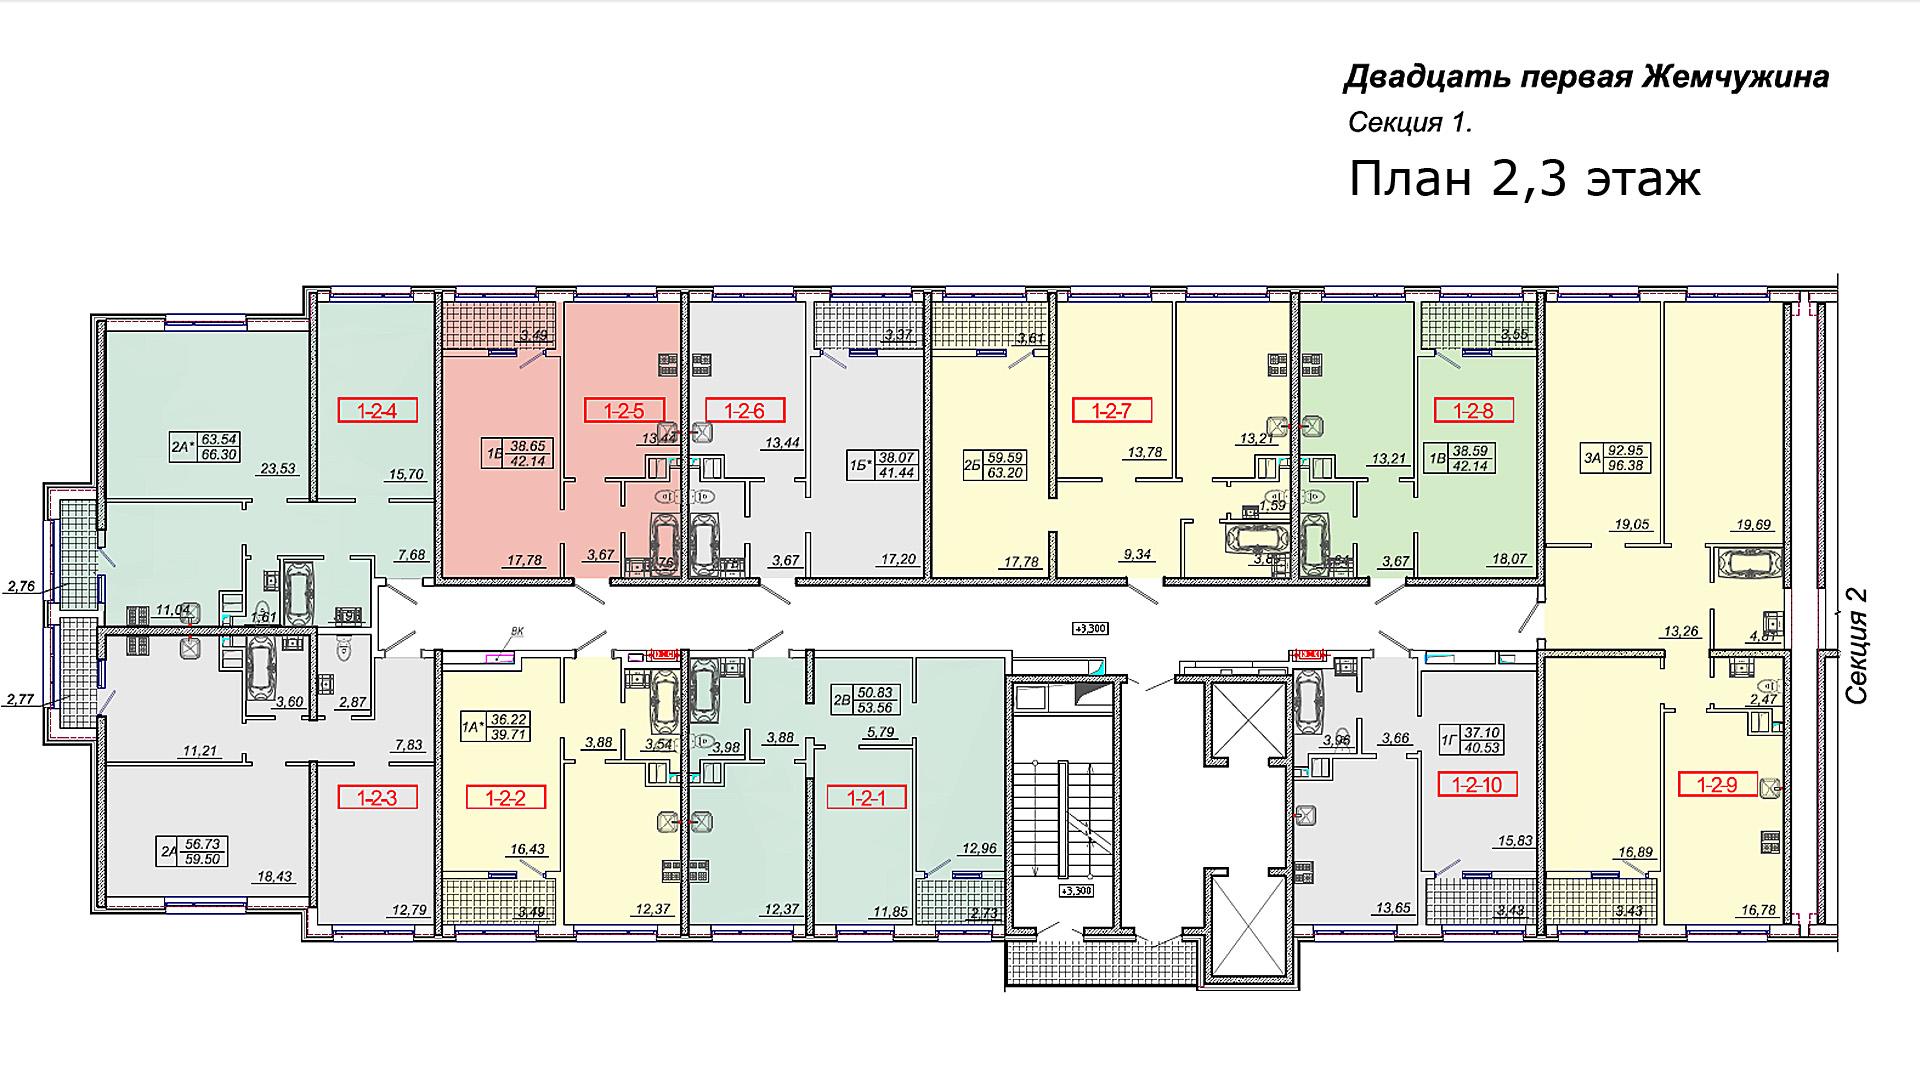 Кадорр, 21 Жемчужина, Планировка секция 1, этаж 2-3